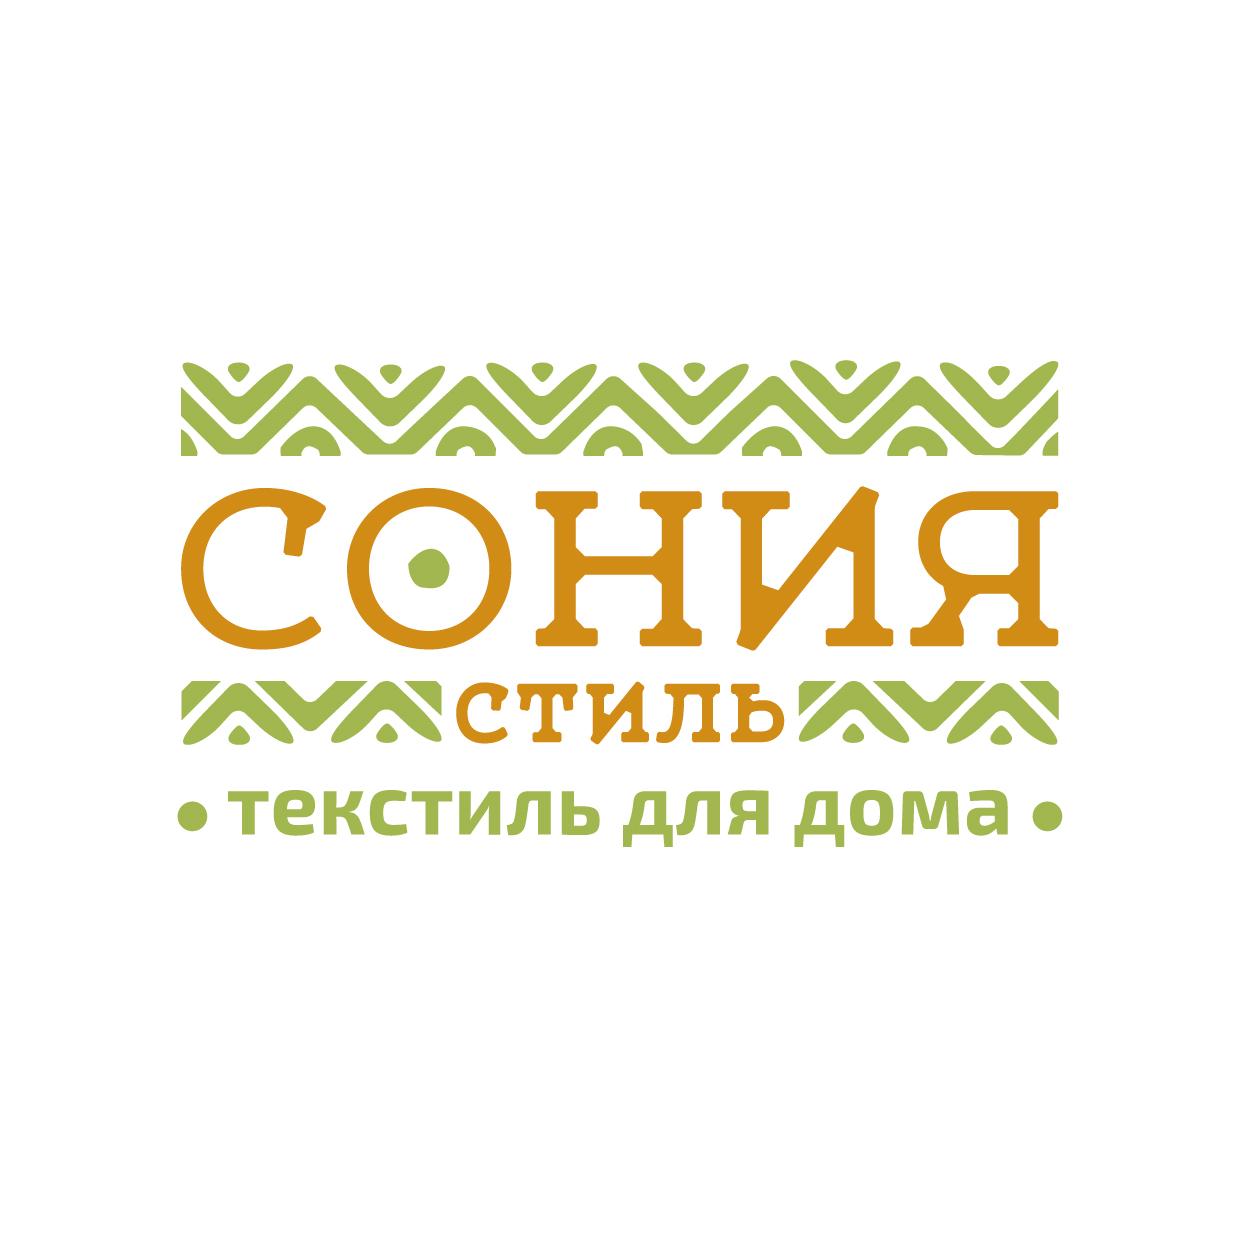 Индивидуальный предприниматель Гулямова Ольга Николаевна, ИНН 231128823734